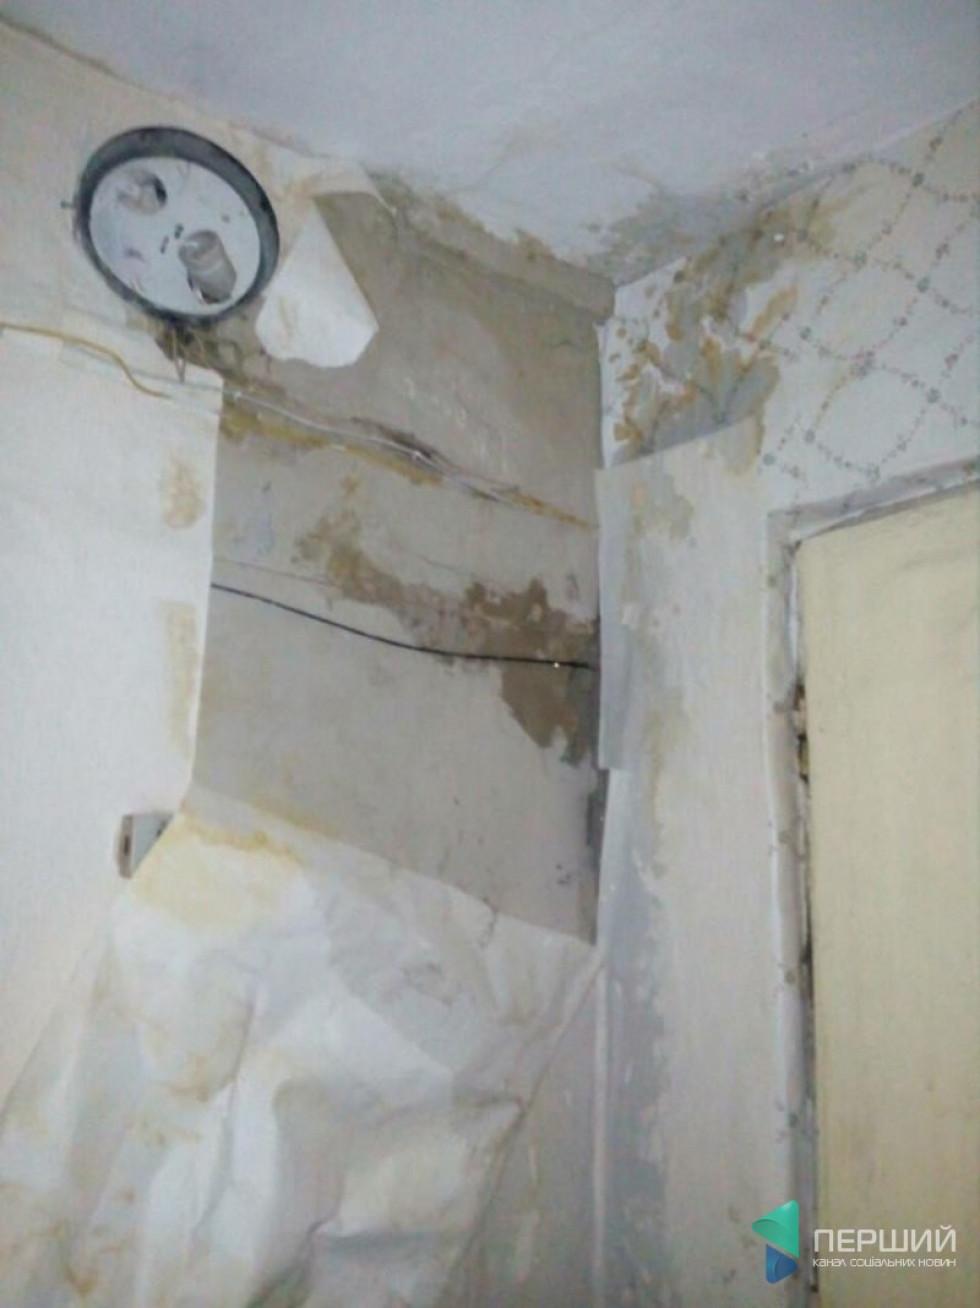 Від води на стінах відклеюються шпалери